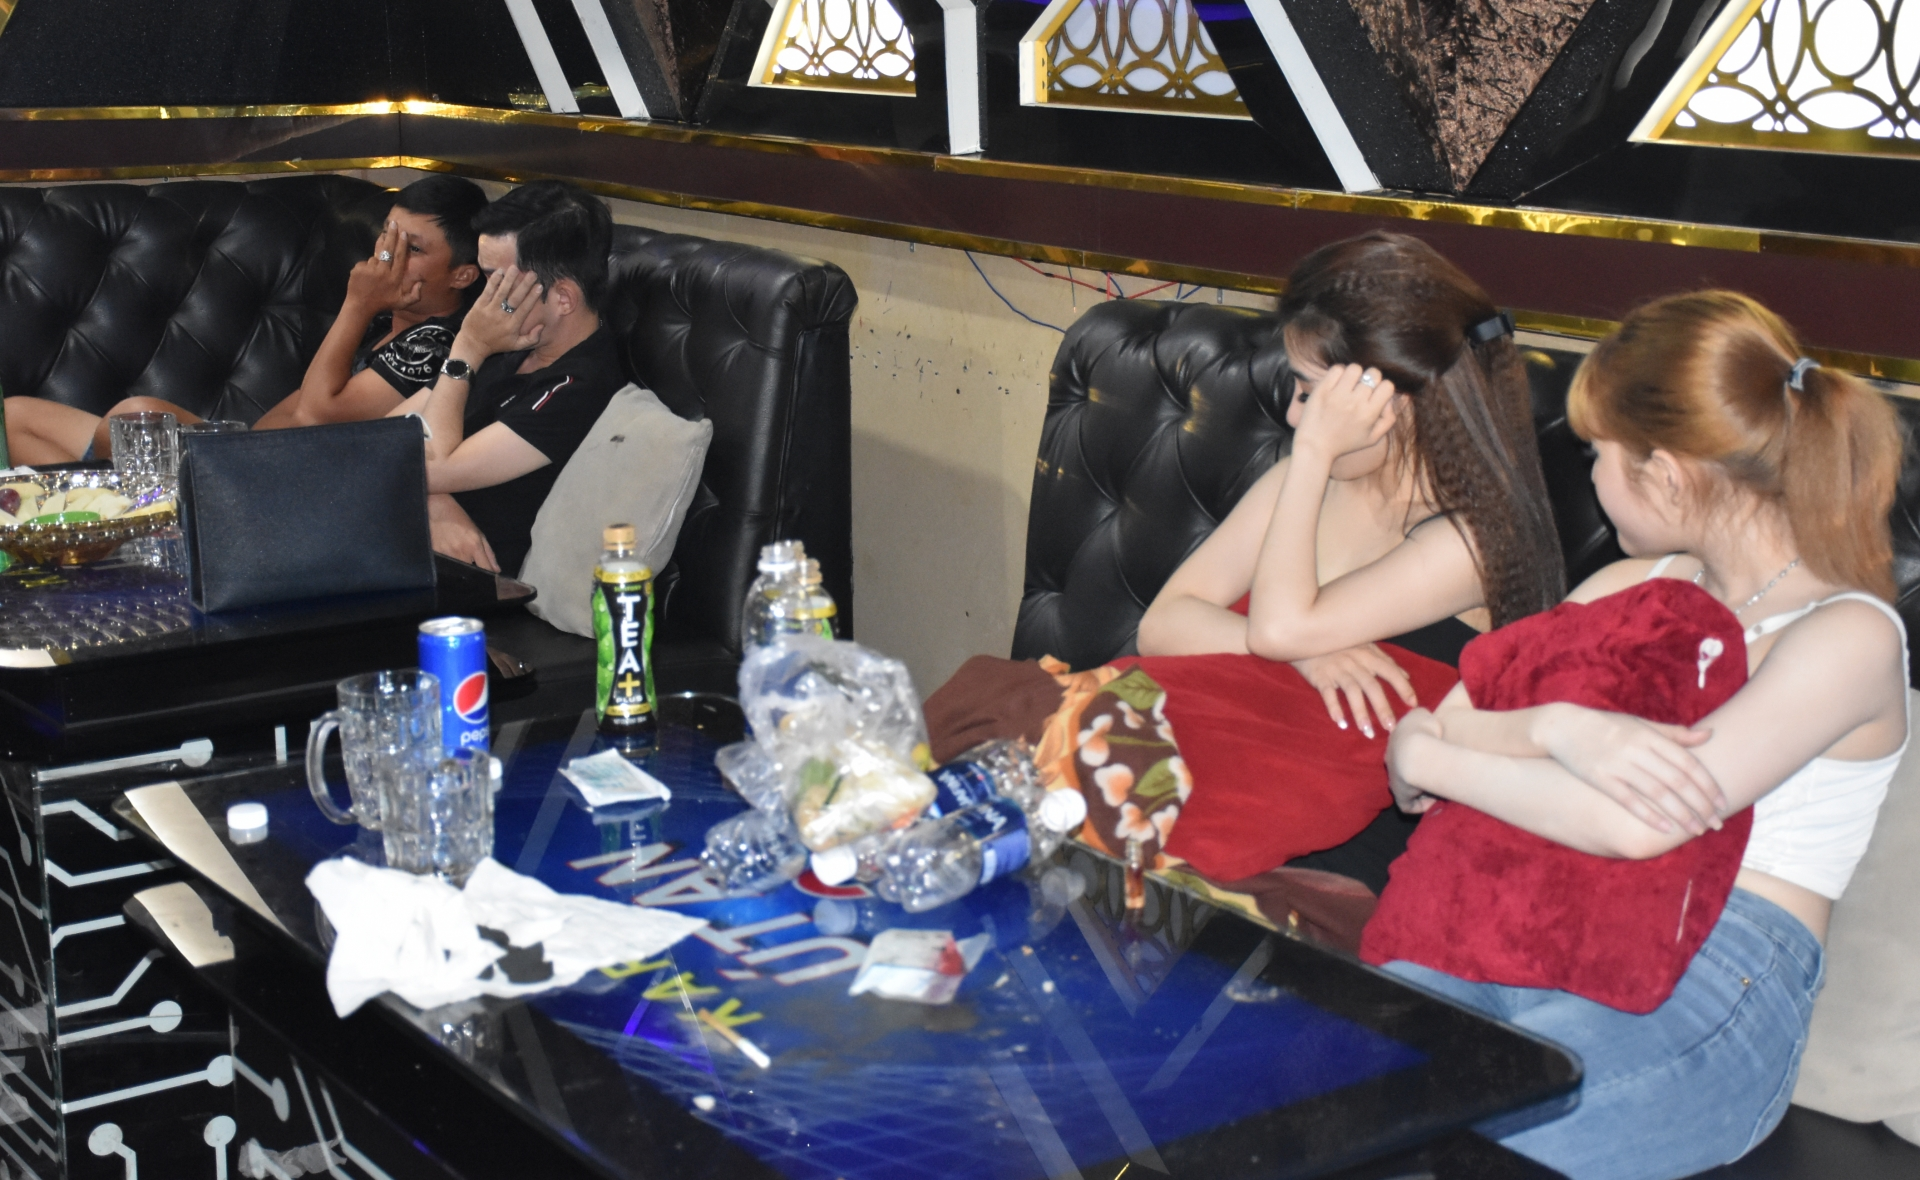 ben tre tam giu 26 doi tuong su dung ma tuy trong quan karaoke